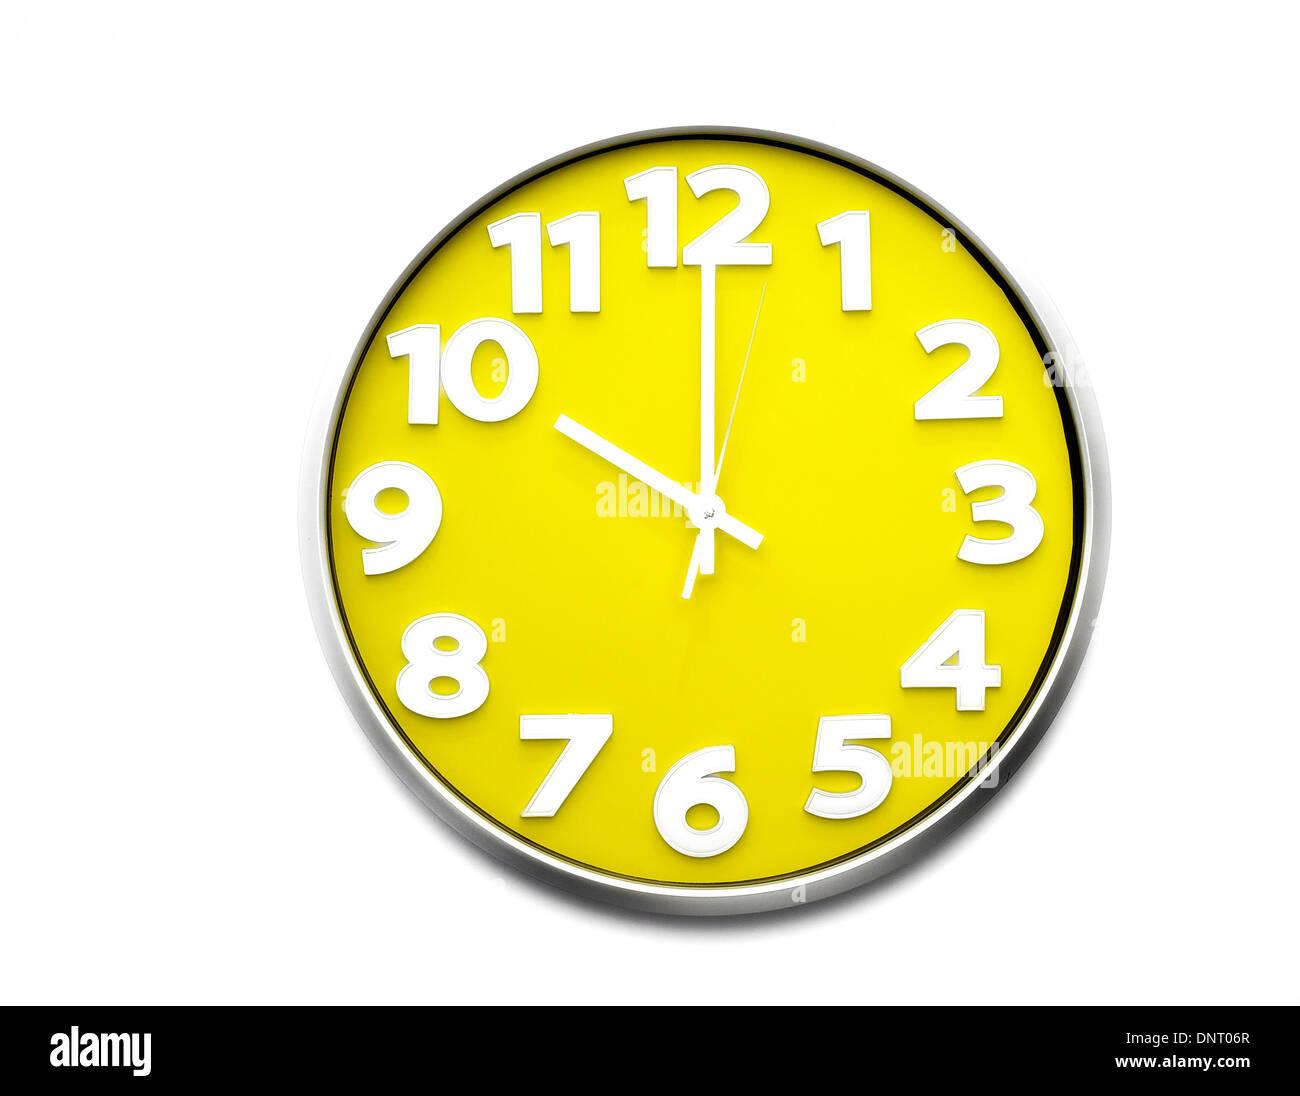 Yellow Clock Face 10 O Clock The Clock Strikes Ten 22 00